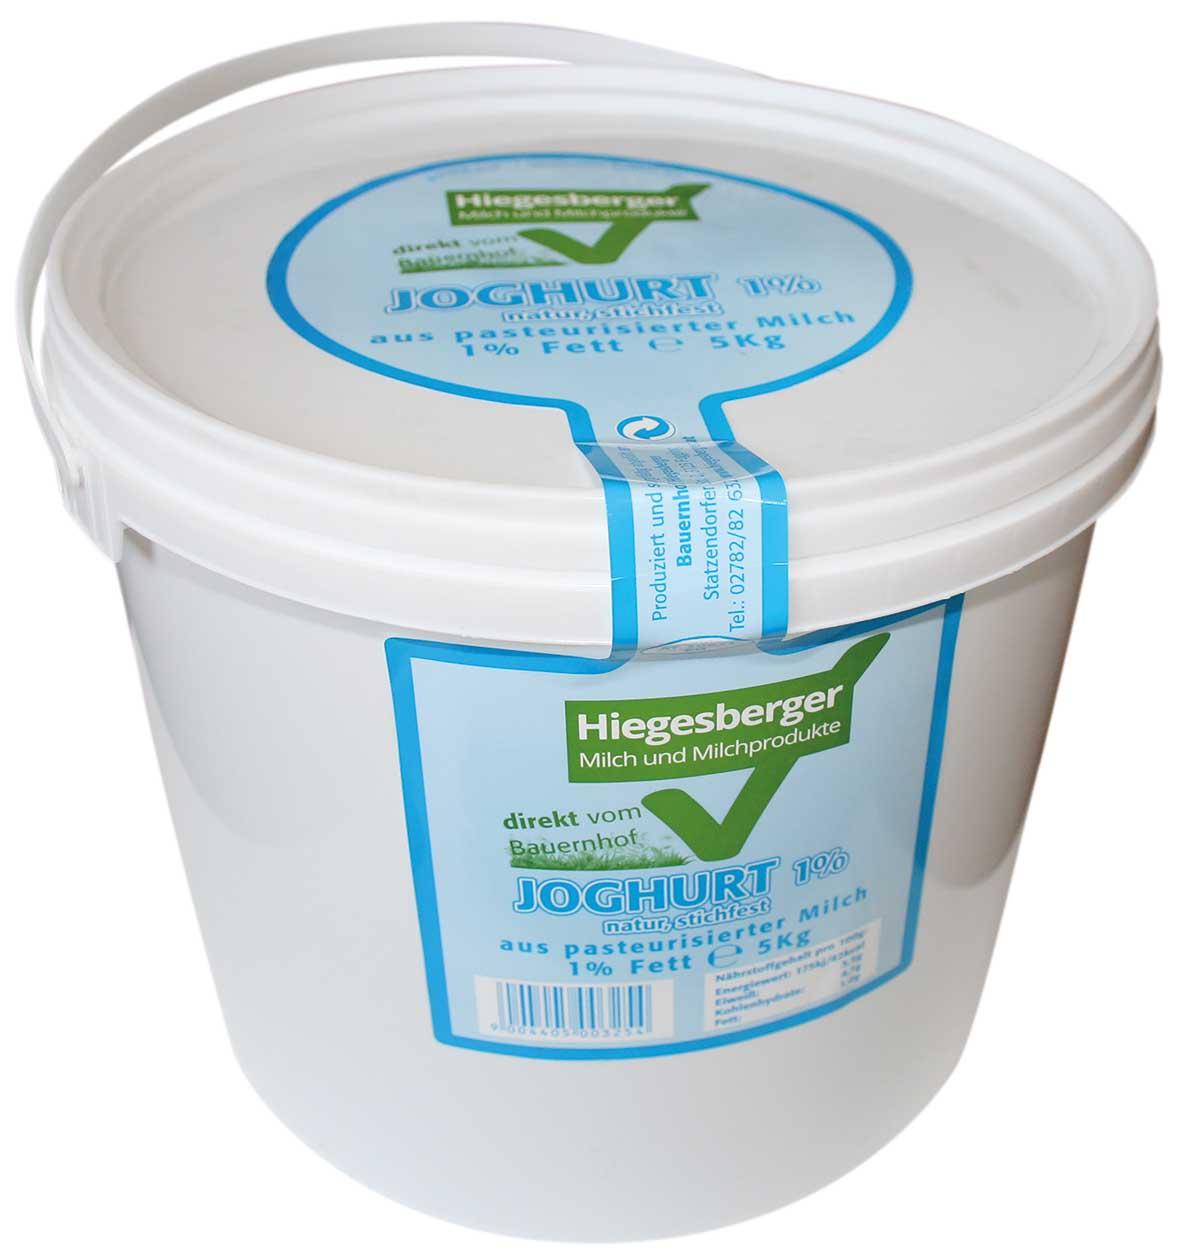 Hiegesberger_Joghurt_1%_Fett_5kg